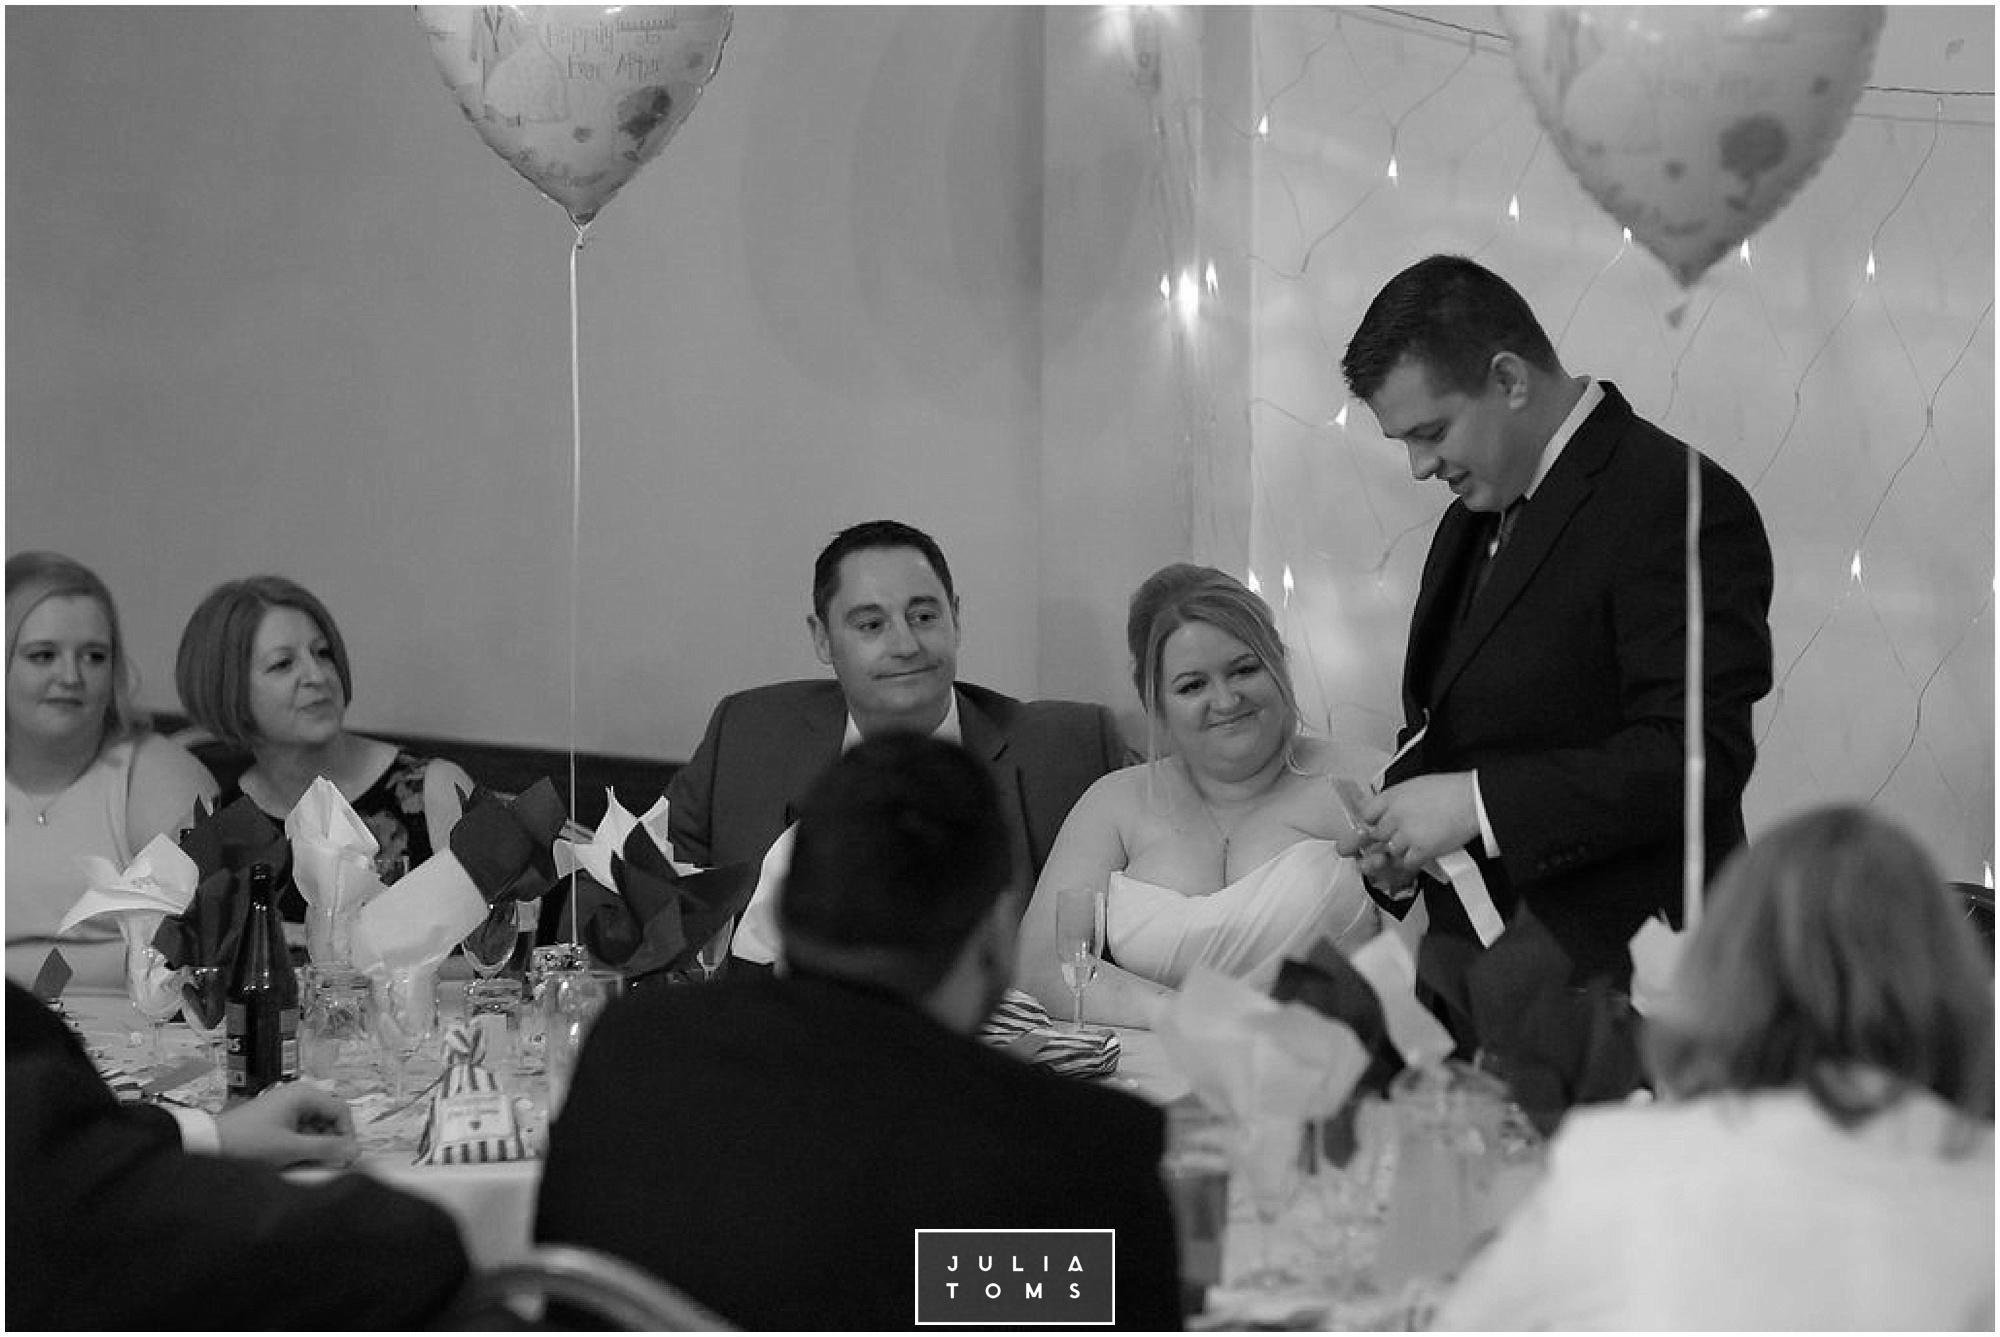 JuliaToms_chichester_wedding_photograher_edes_house_048.jpg